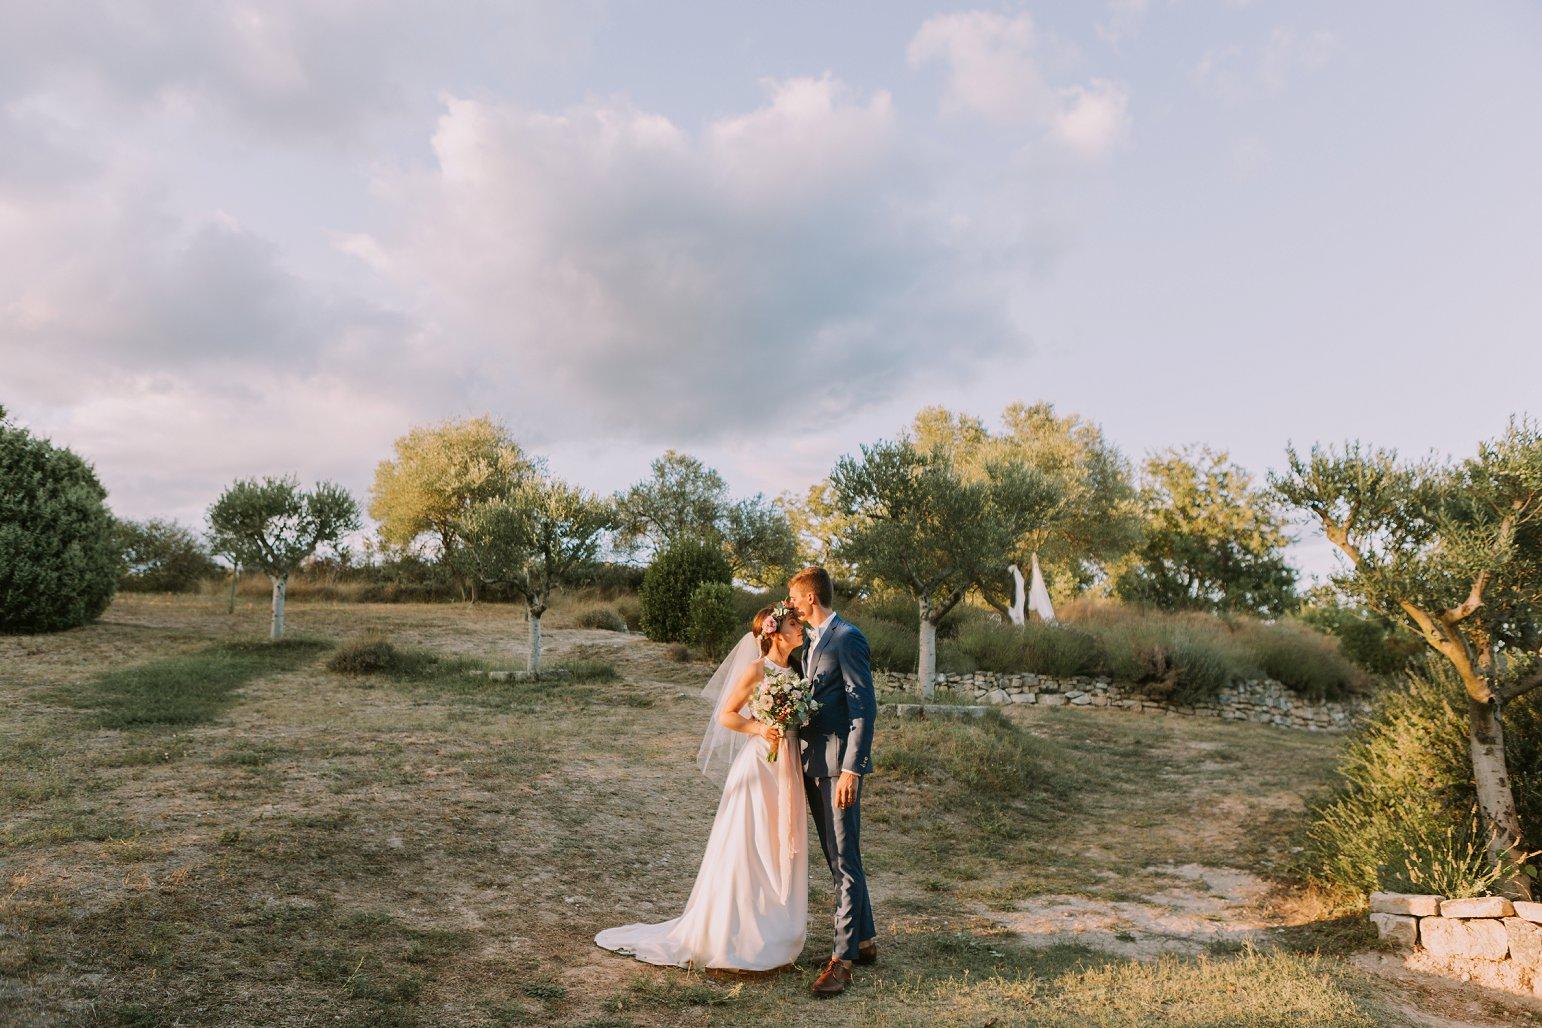 kateryna-photos-mariage-wedding-france-ardeche-domaine-clos-hullias-Saint-Christol-de-Rodière-gard-cevennes_0230.jpg